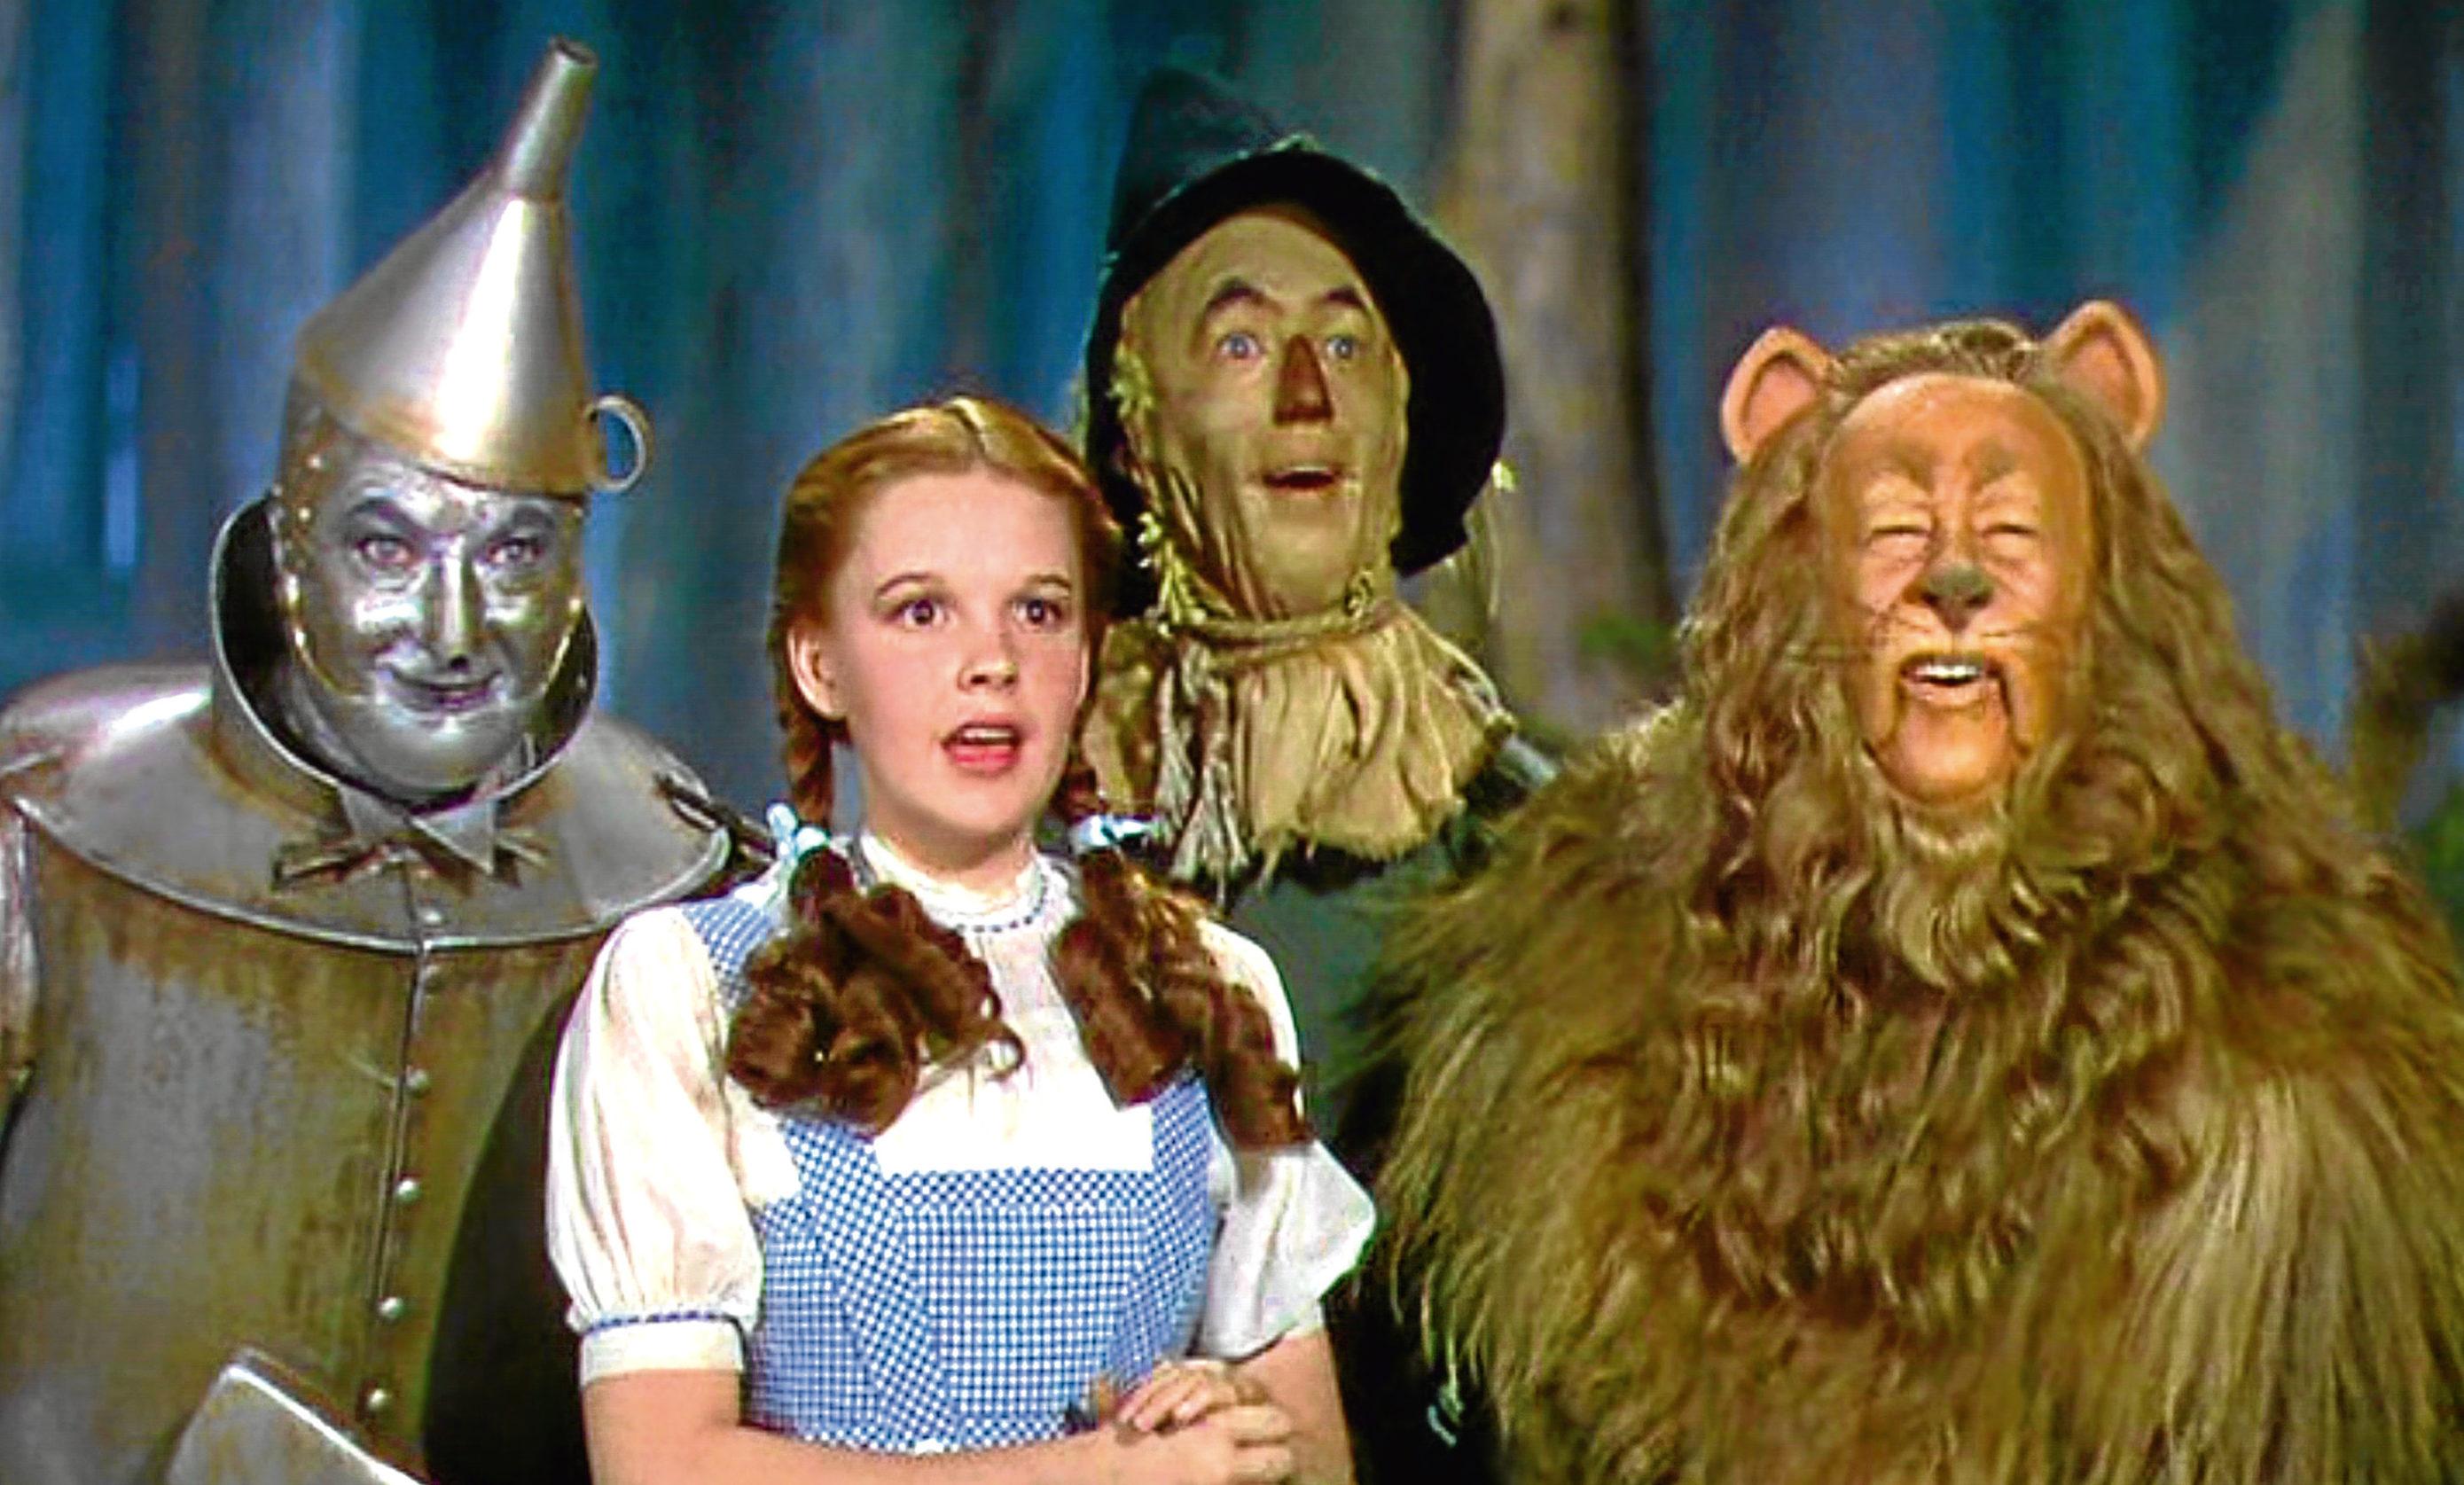 Oz Büyücüsü (1939)